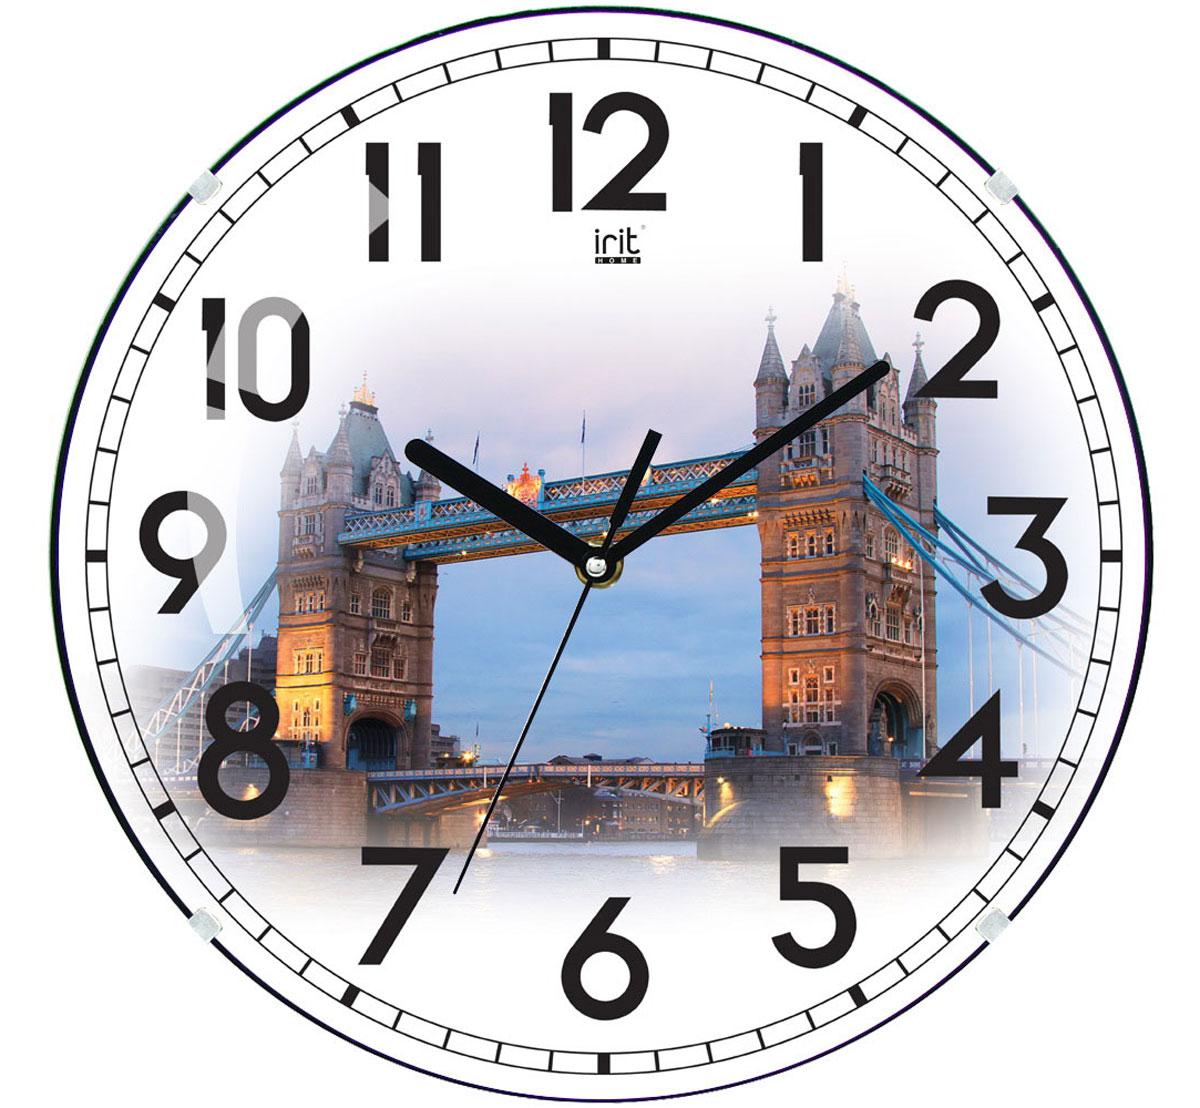 Irit IR-625 Европа настенные часы79 02214Настенные часы Irit IR-625 Европа - это элегантный и неотъемлемый элемент дизайна любого помещения. Корпус кварцевых часов выполнен из качественного пластика, который гарантирует не только их легкость, но и практичность, легкий монтаж и уход. Циферблат данной модели оформлен стильным и красивым принтом. Диаметр часов: 35 см.